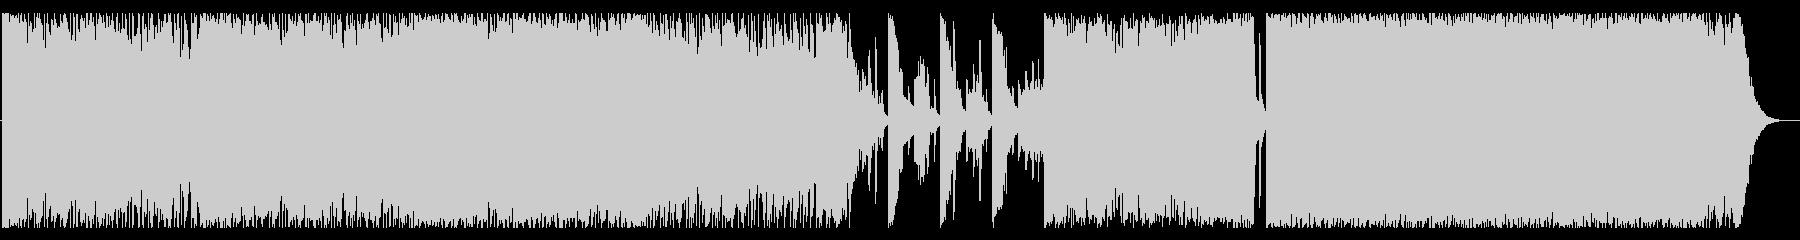 壮大なシネマティックロックの未再生の波形